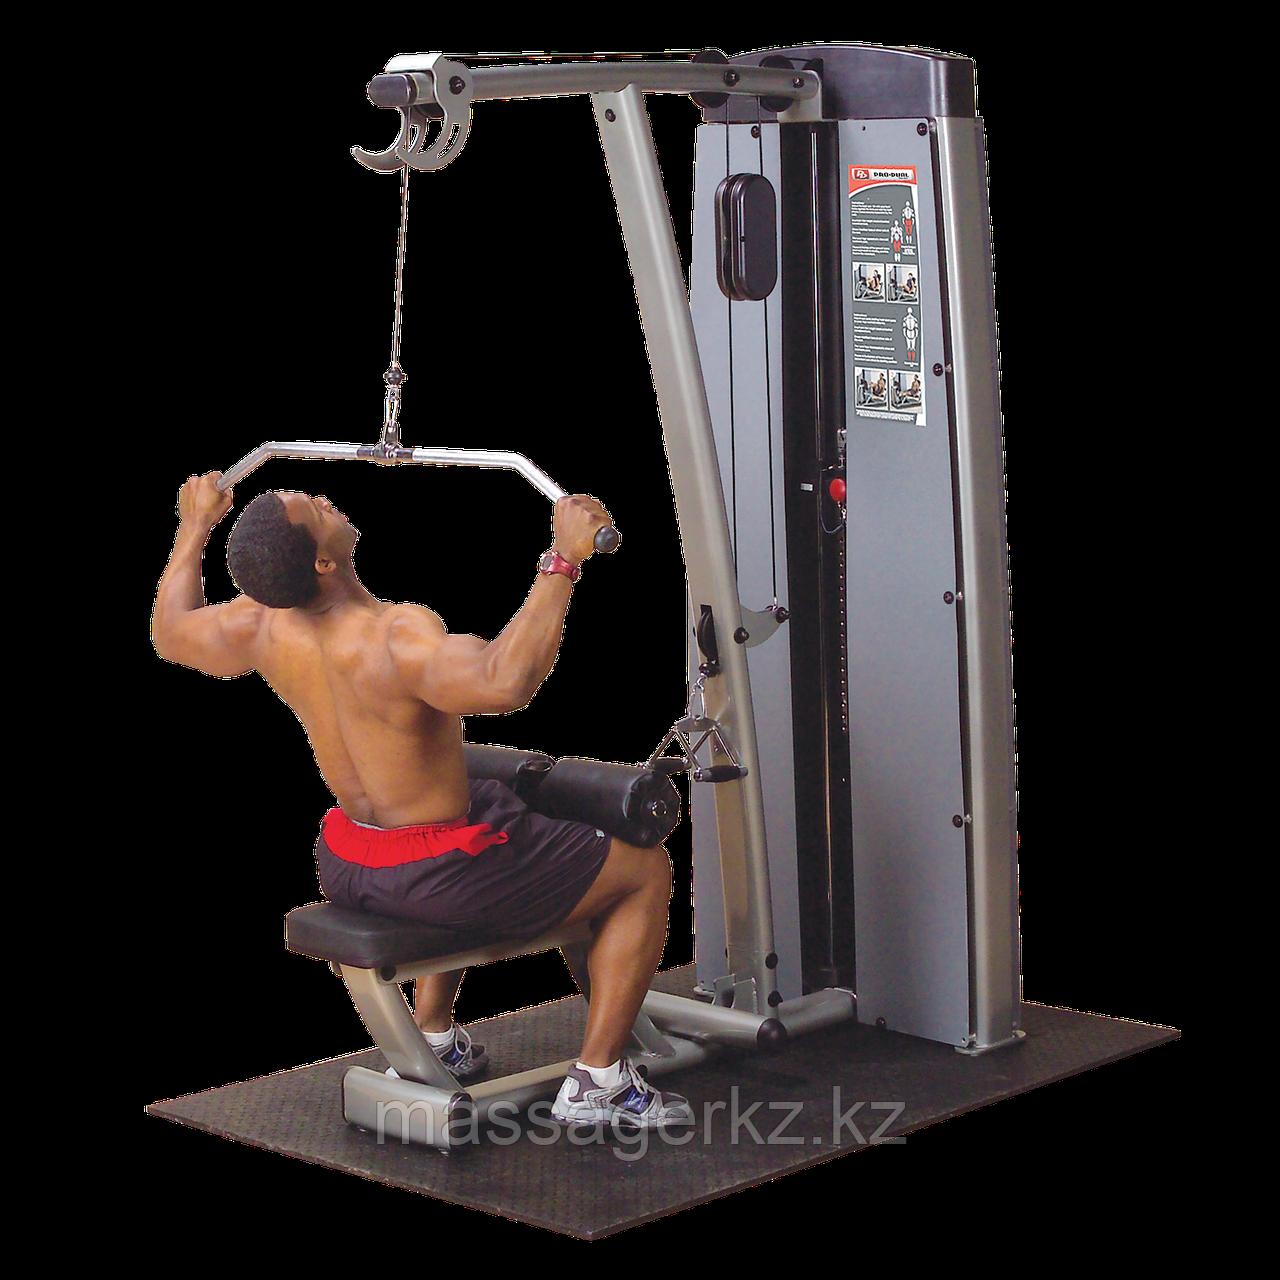 ОПЦИЯ к DGYM Двухпозиц тренажер для спины: вертикальная \ горизонтальная тяга с весовым стеком 95 кг